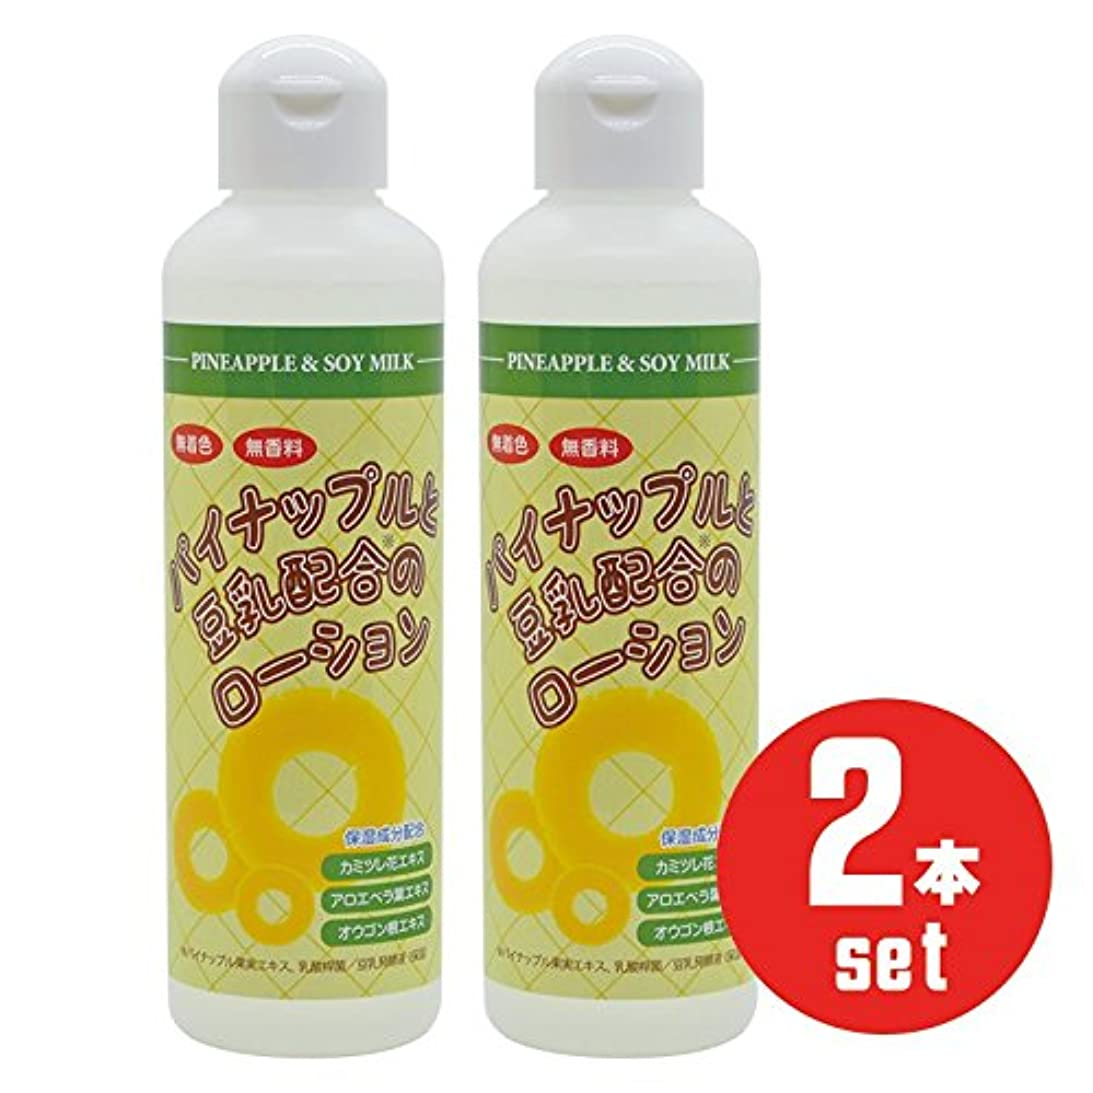 玉愛するライオネルグリーンストリートパイナップル豆乳ローション 200ml 2本セット 除毛 脱毛 ムダ毛処理後のアフターケアに